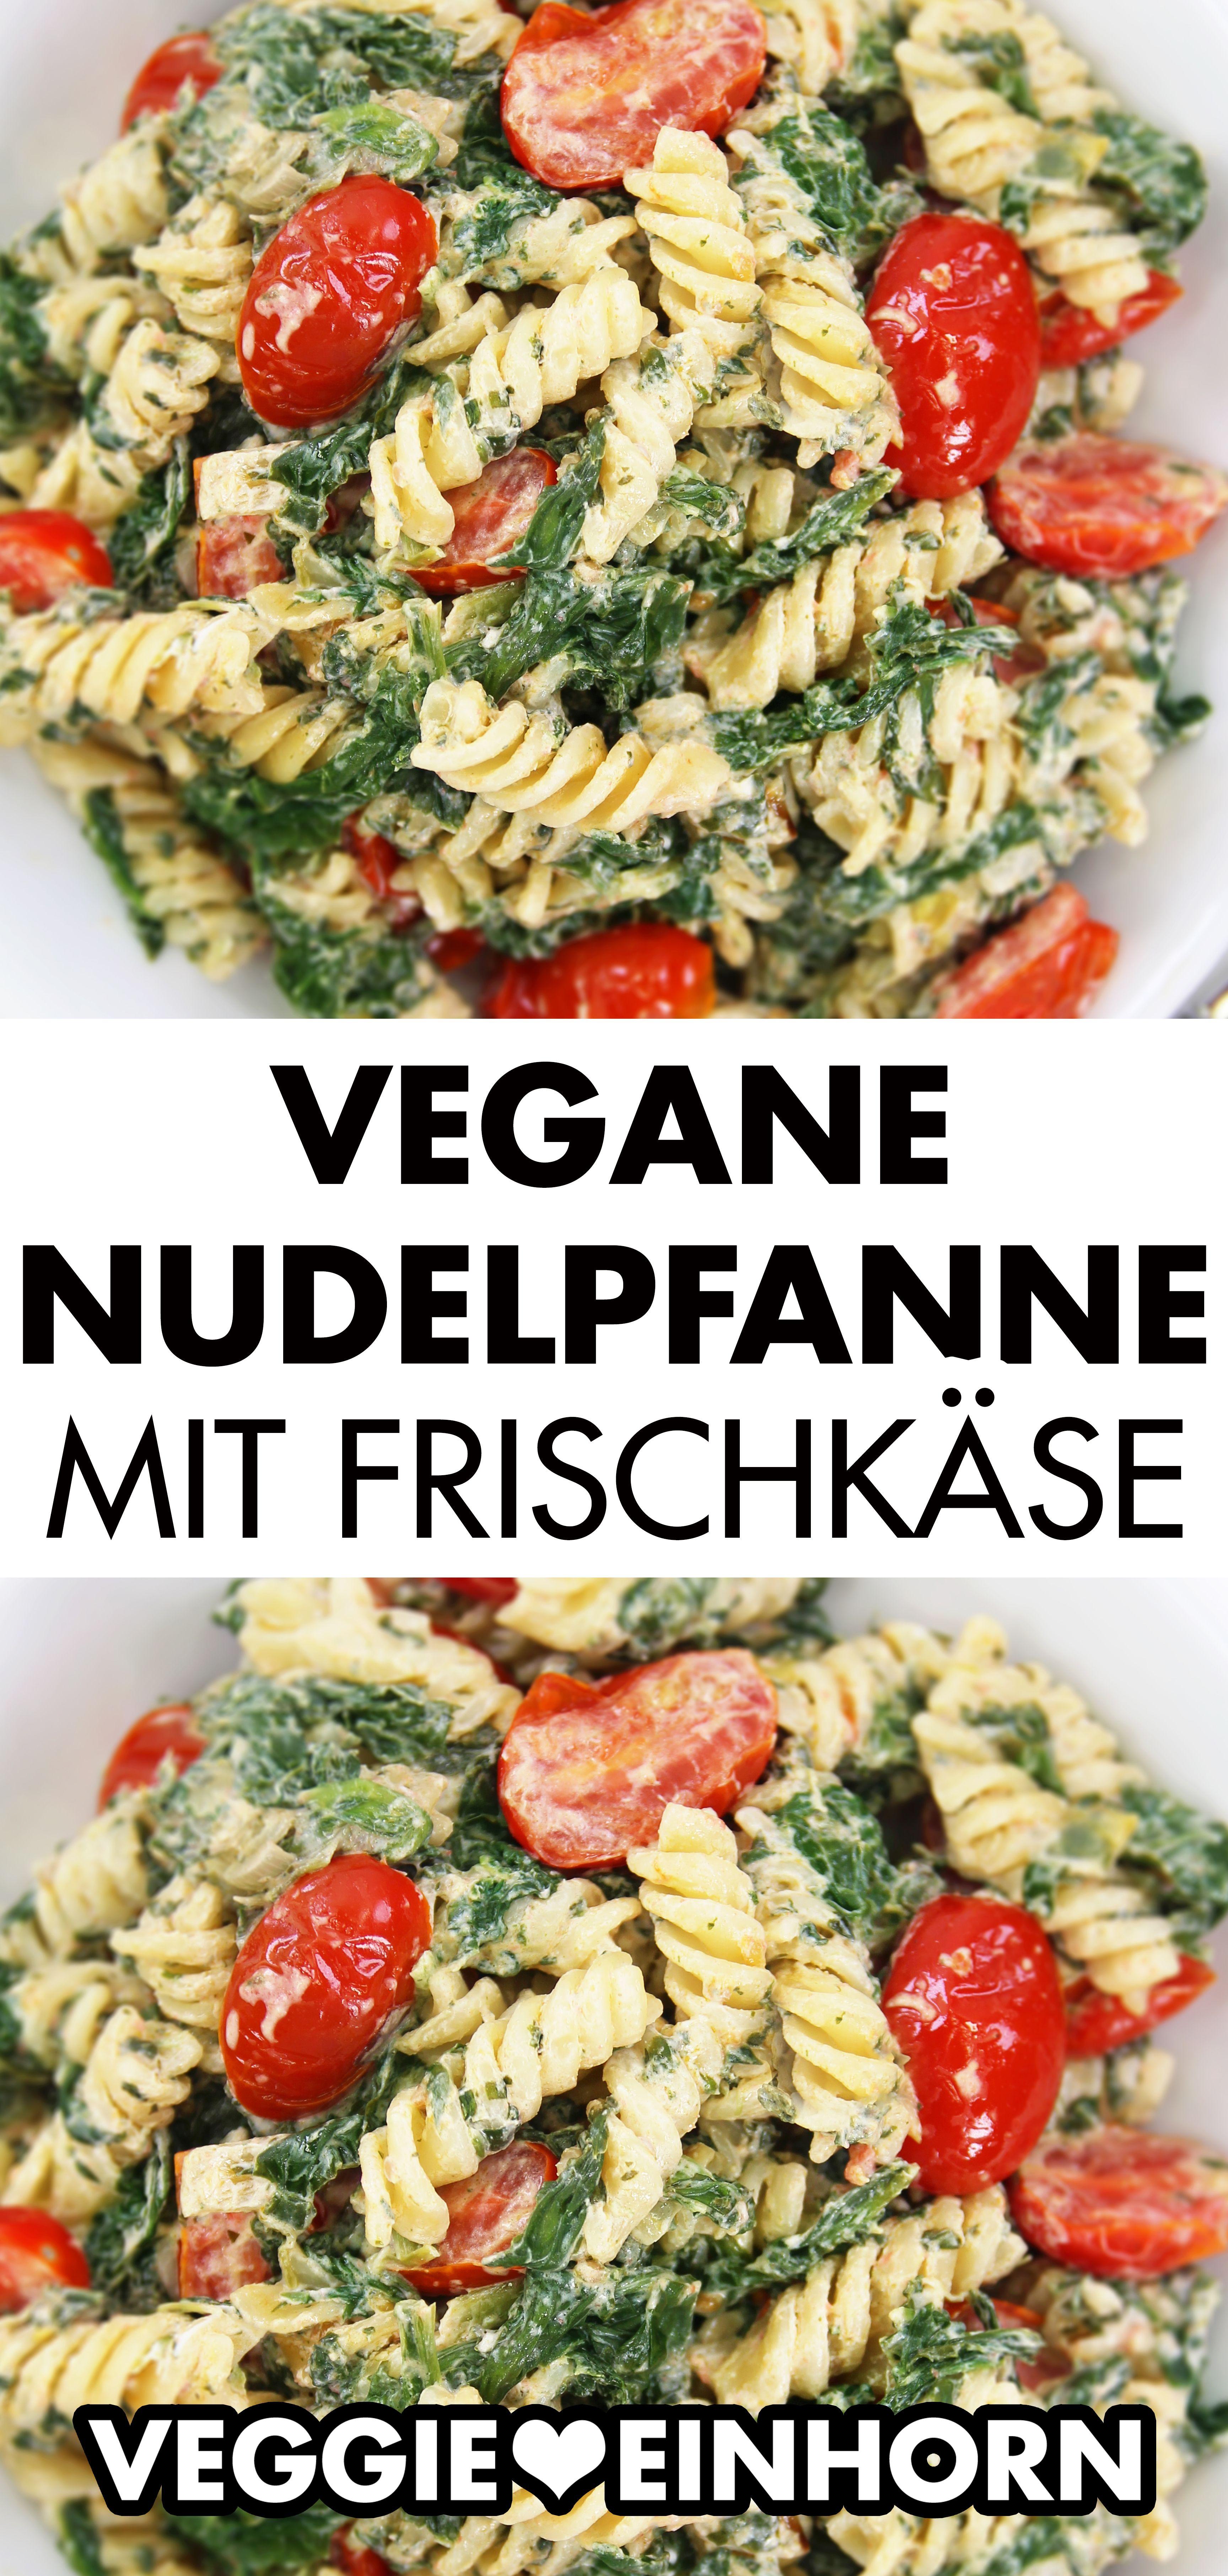 Vegane Nudelpfanne mit Frischkäse, Spinat und Cherrytomaten